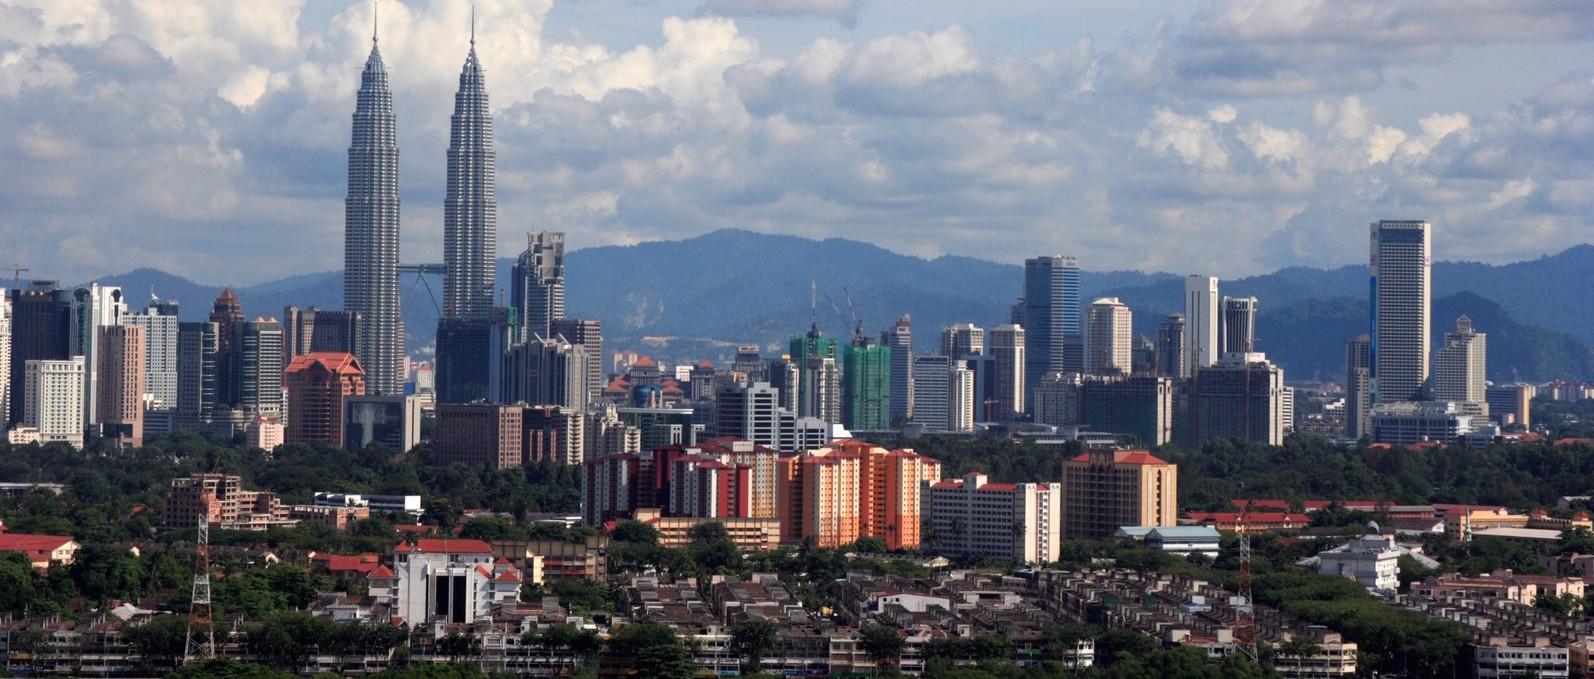 Properties in malaysia